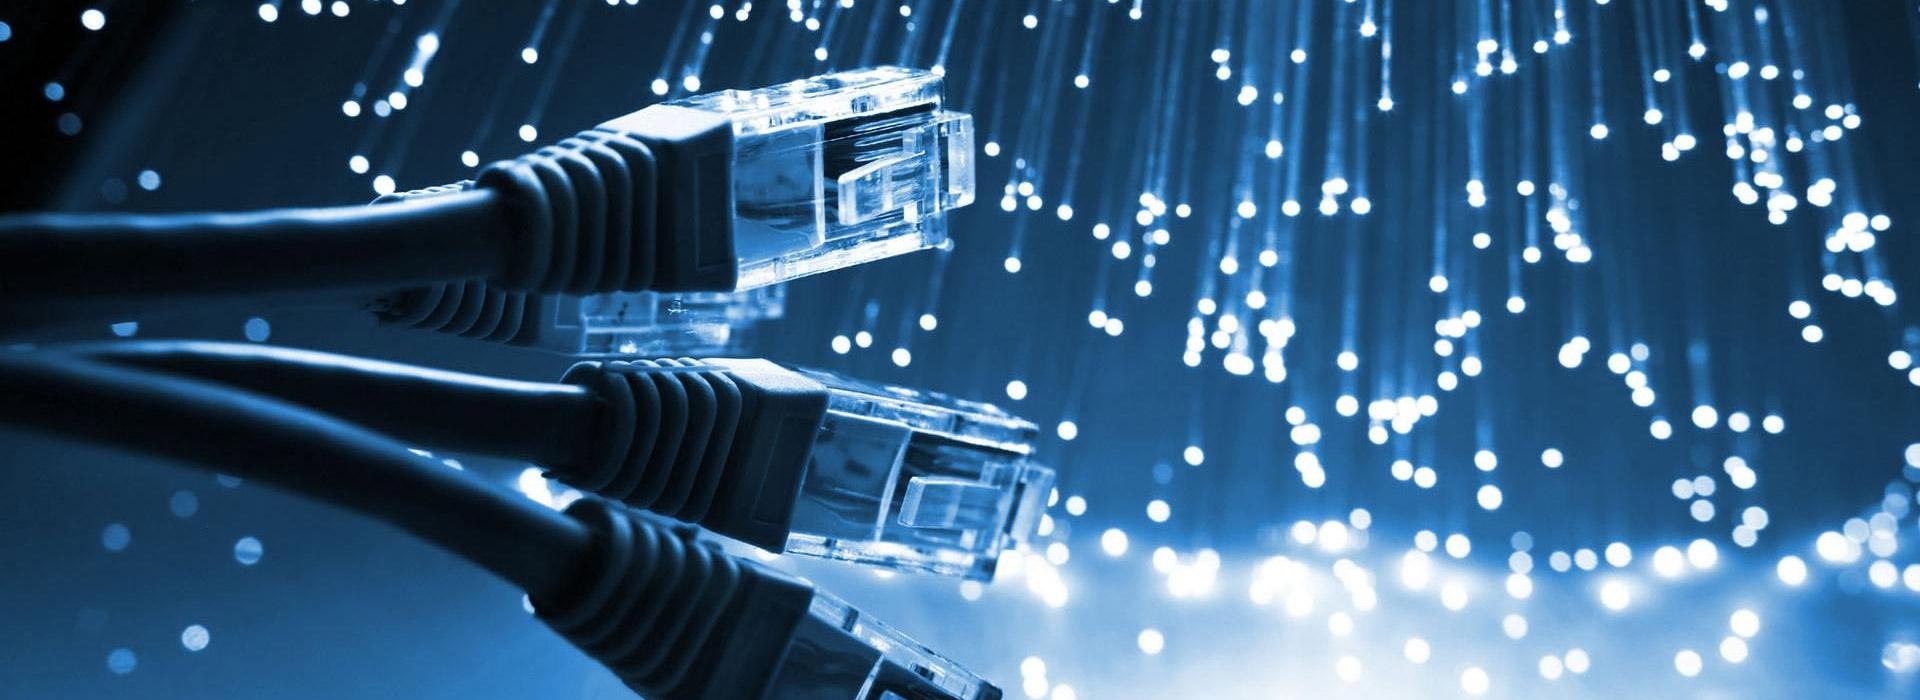 oppkobling av fiber canal digital